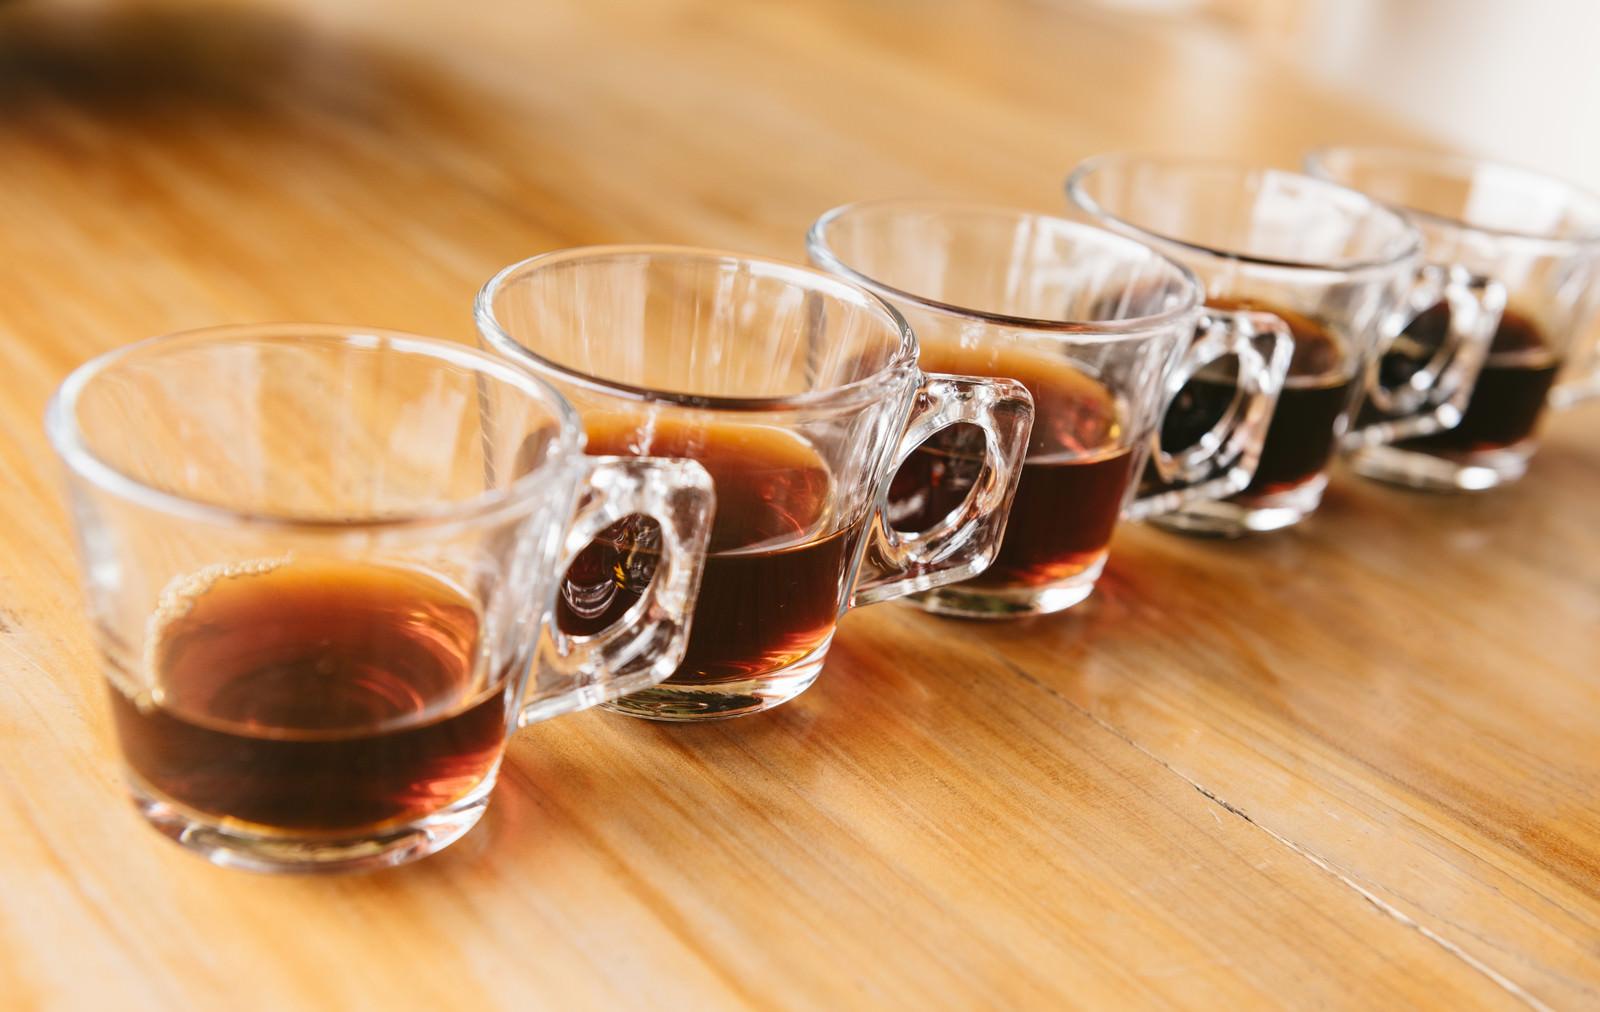 「並べられたグラスとティー並べられたグラスとティー」のフリー写真素材を拡大